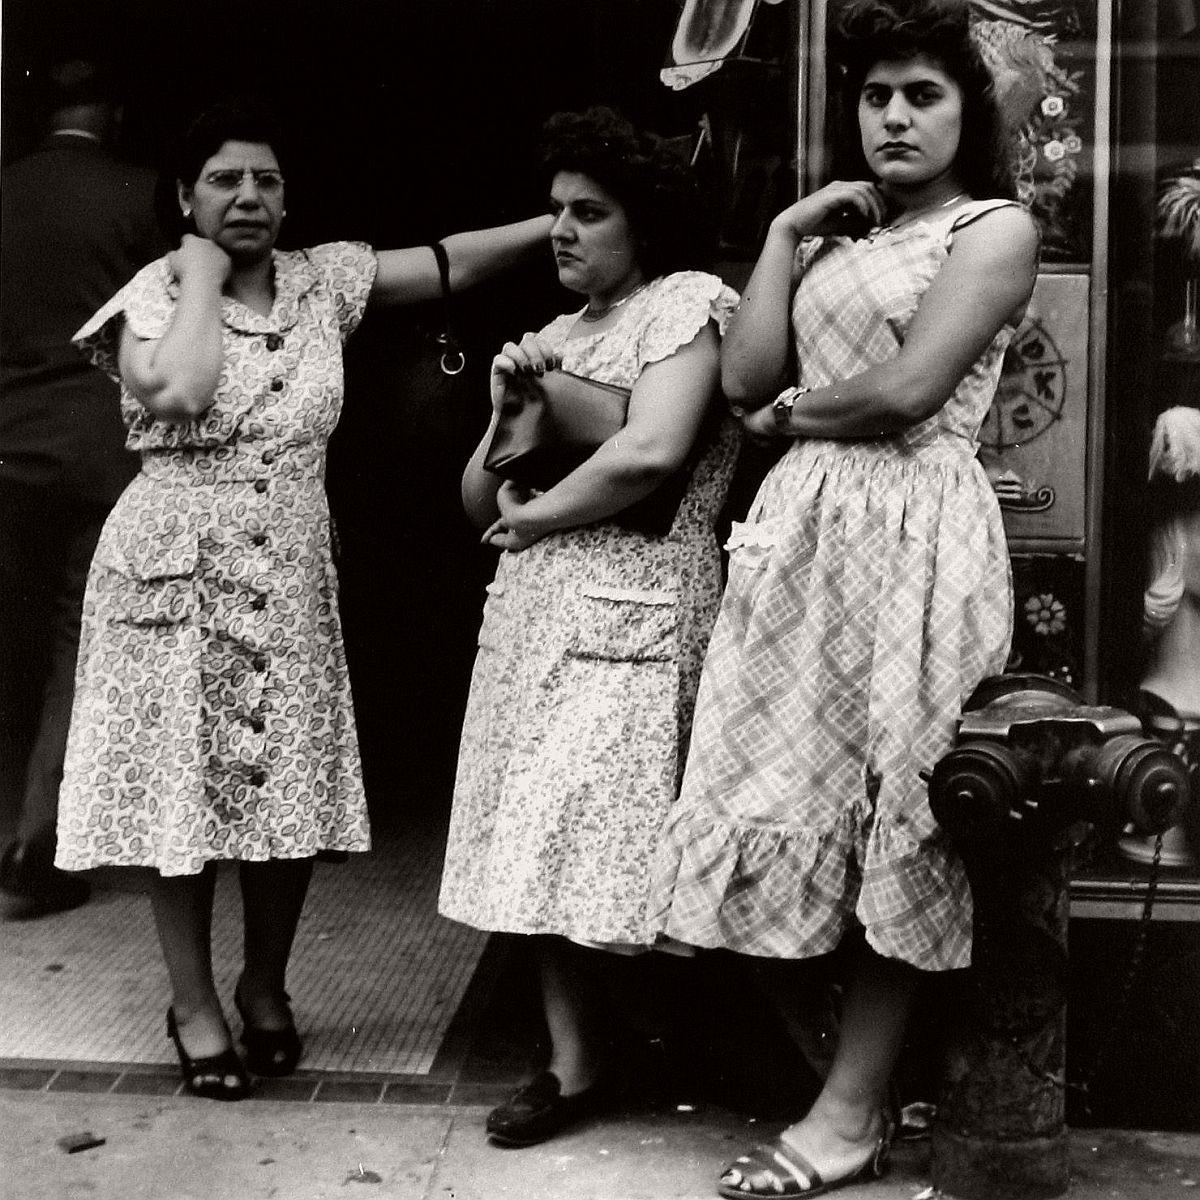 Three Ladies on 14th Street, 1948